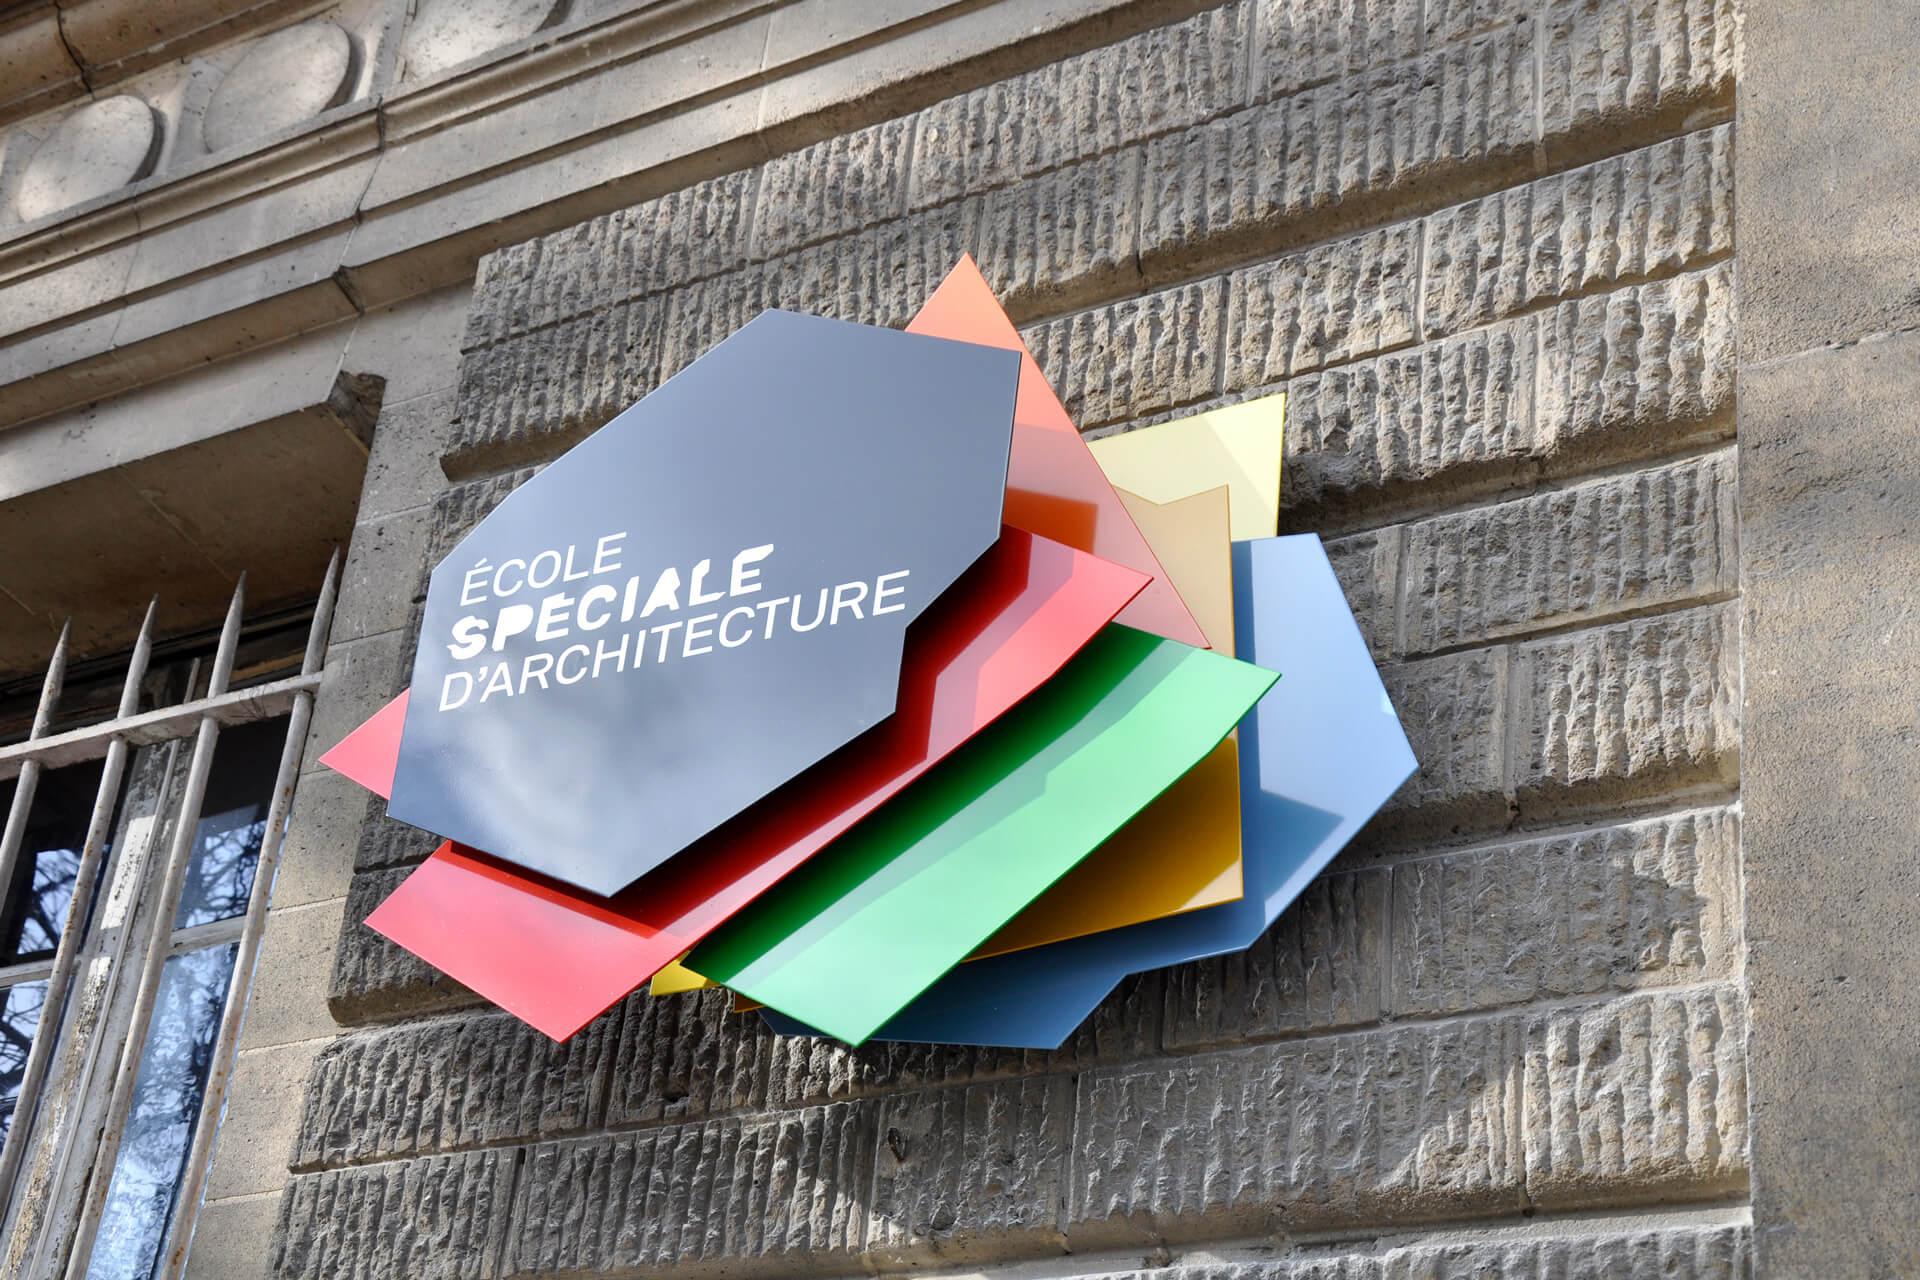 signaletique_06_ecole_speciale_architecture_plastac